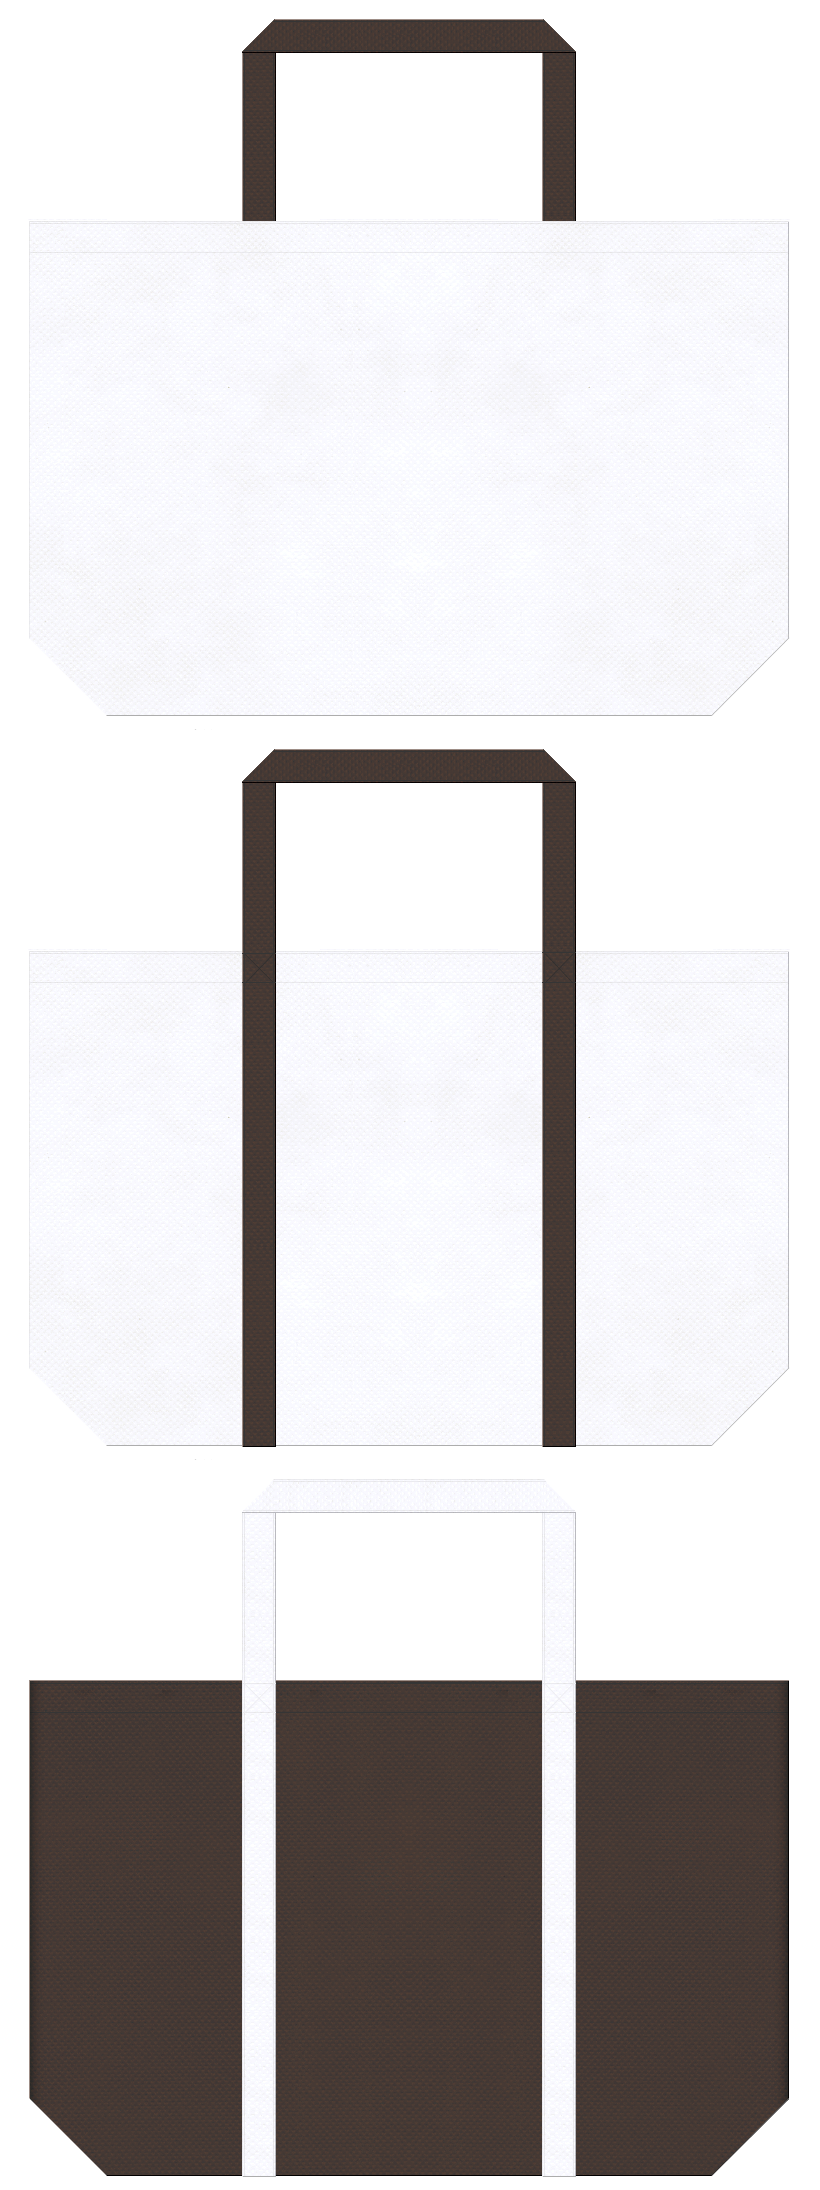 展示会用バッグ・ブラウス・ワイシャツ・礼装・雪だるま・雪まつり・観光・城下町・武家屋敷・お城イベント・書道・ホテル・マンション・オフィスビル・店舗インテリア・農学部・学校・学園・オープンキャンパス・学習塾・レッスンバッグ・スイーツ・保冷バッグにお奨めの不織布バッグデザイン:白色とこげ茶色のコーデ